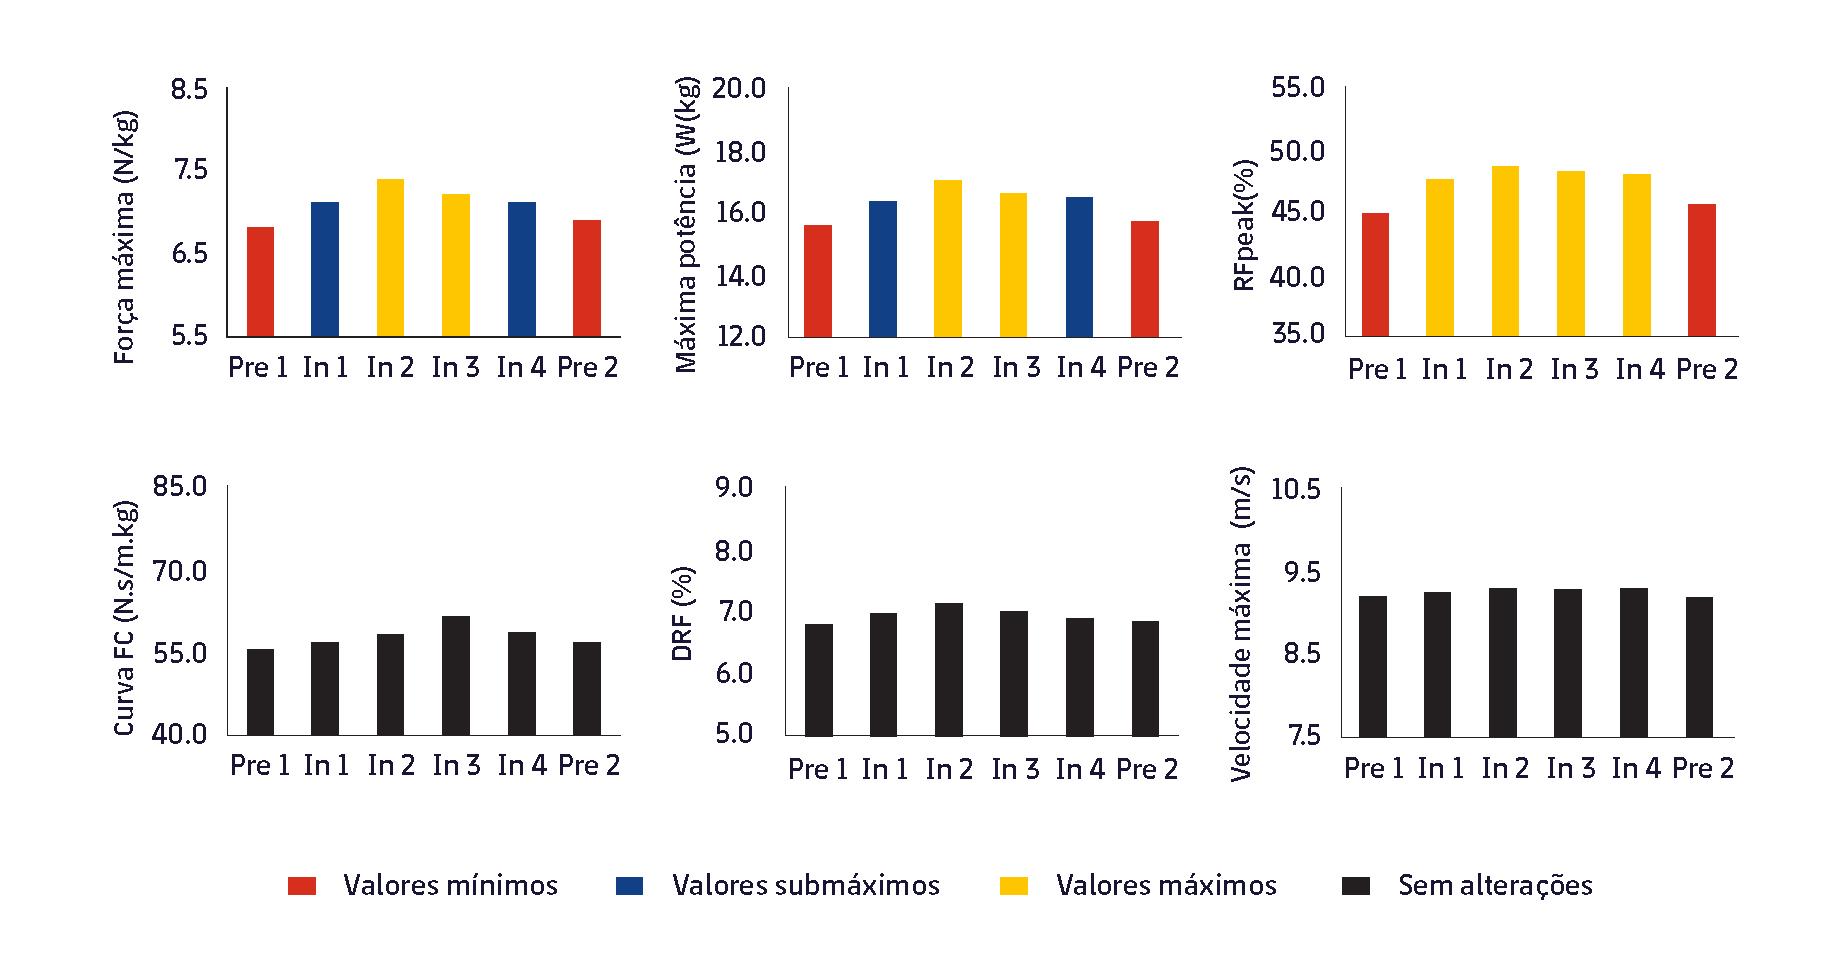 Figura 3. Evolução das variações do perfil FVP de um sprint em diferentes momentos da temporada. Adaptado de Jiménez-Reyes et al., 2020 (6). Pré 1 e Pré 2, Pré-temporada 1 e 2; Em 1, 2, 3 e 4 pontos 1, 2, 3 e 4 em uma temporada.